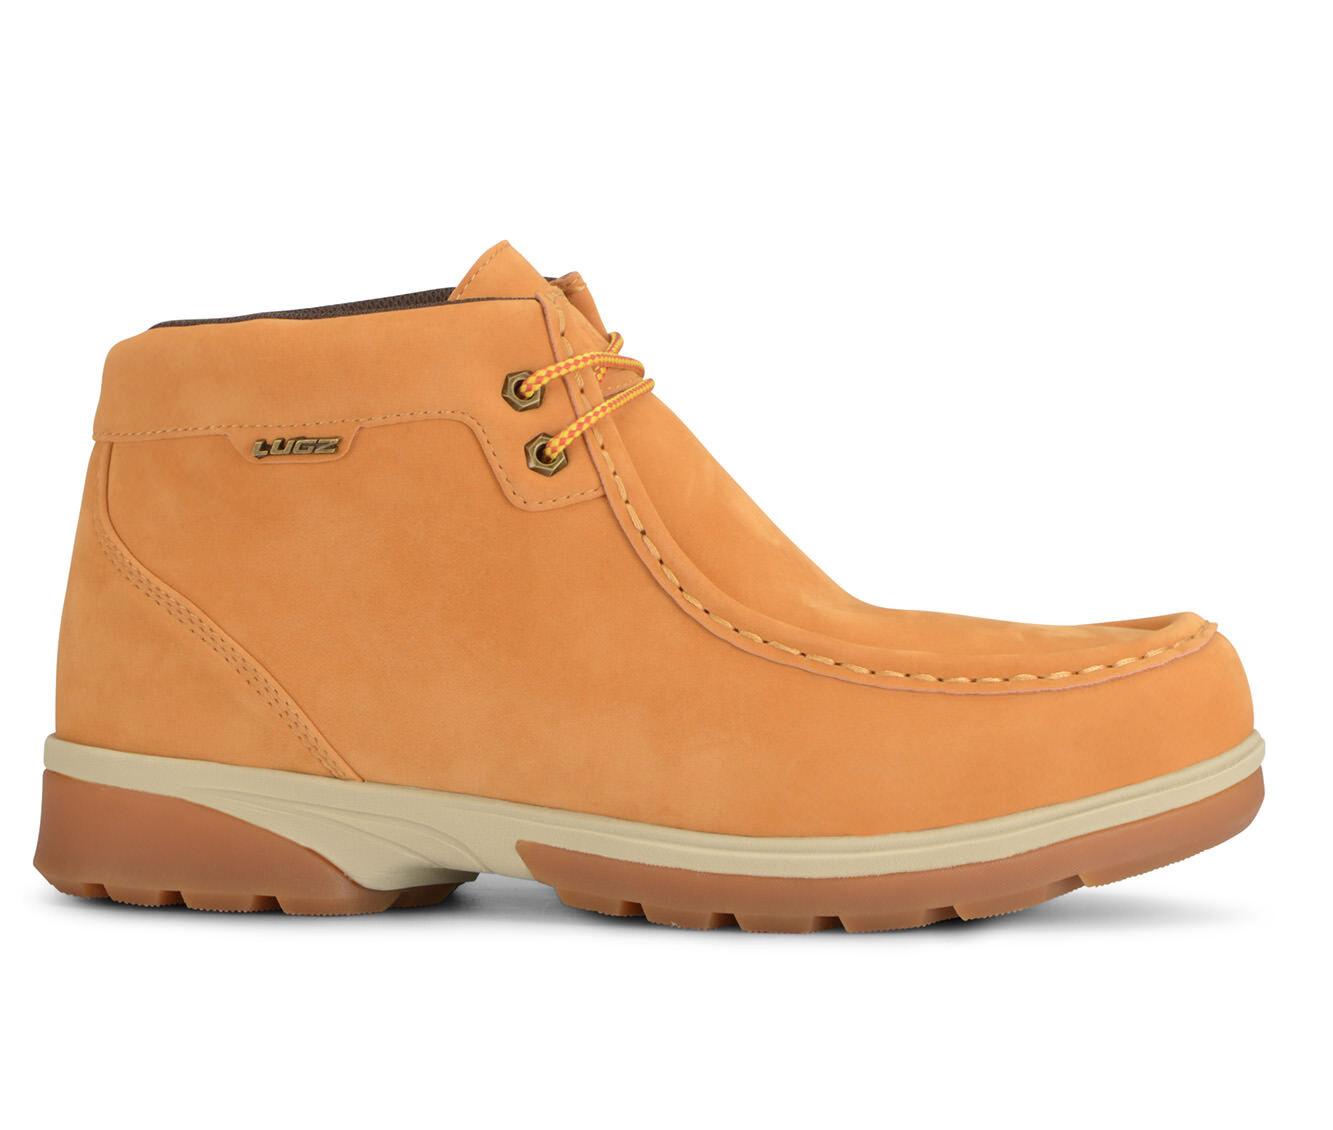 Men's Lugz Zeo Moc Mid-Rise Boots Wheat/Crm/Gum